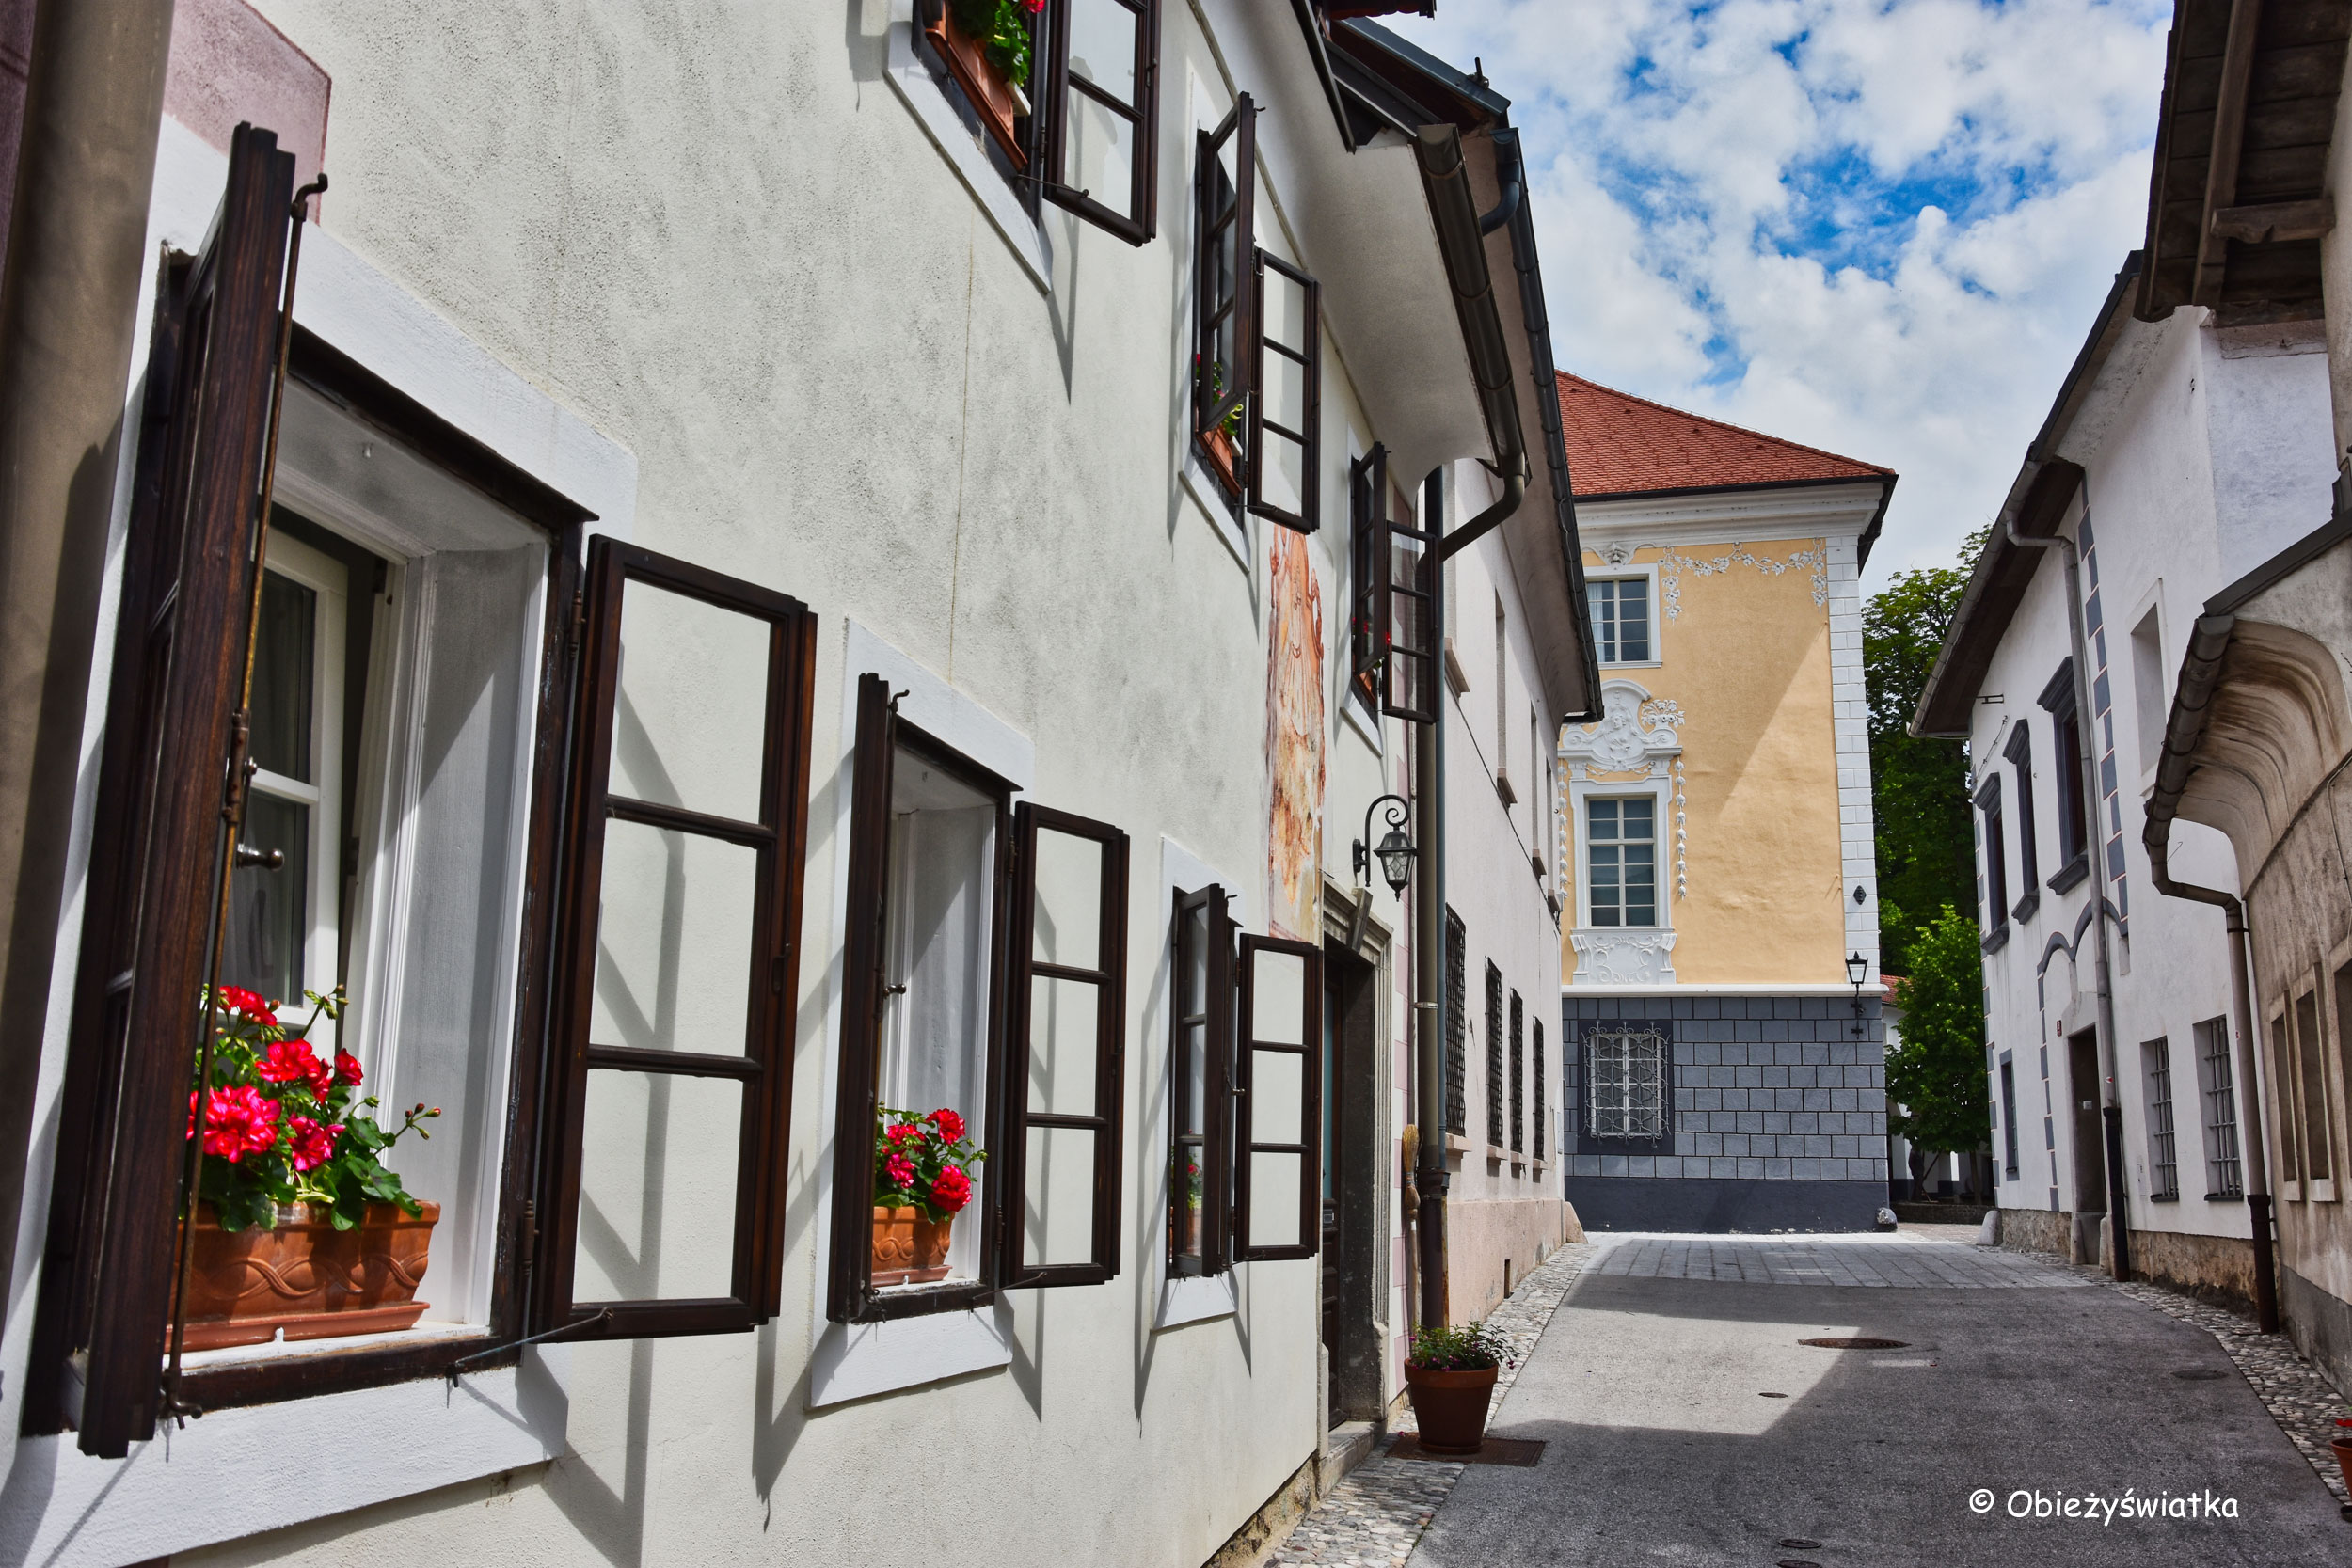 Urocza uliczka w Radovljicy, Słowenia